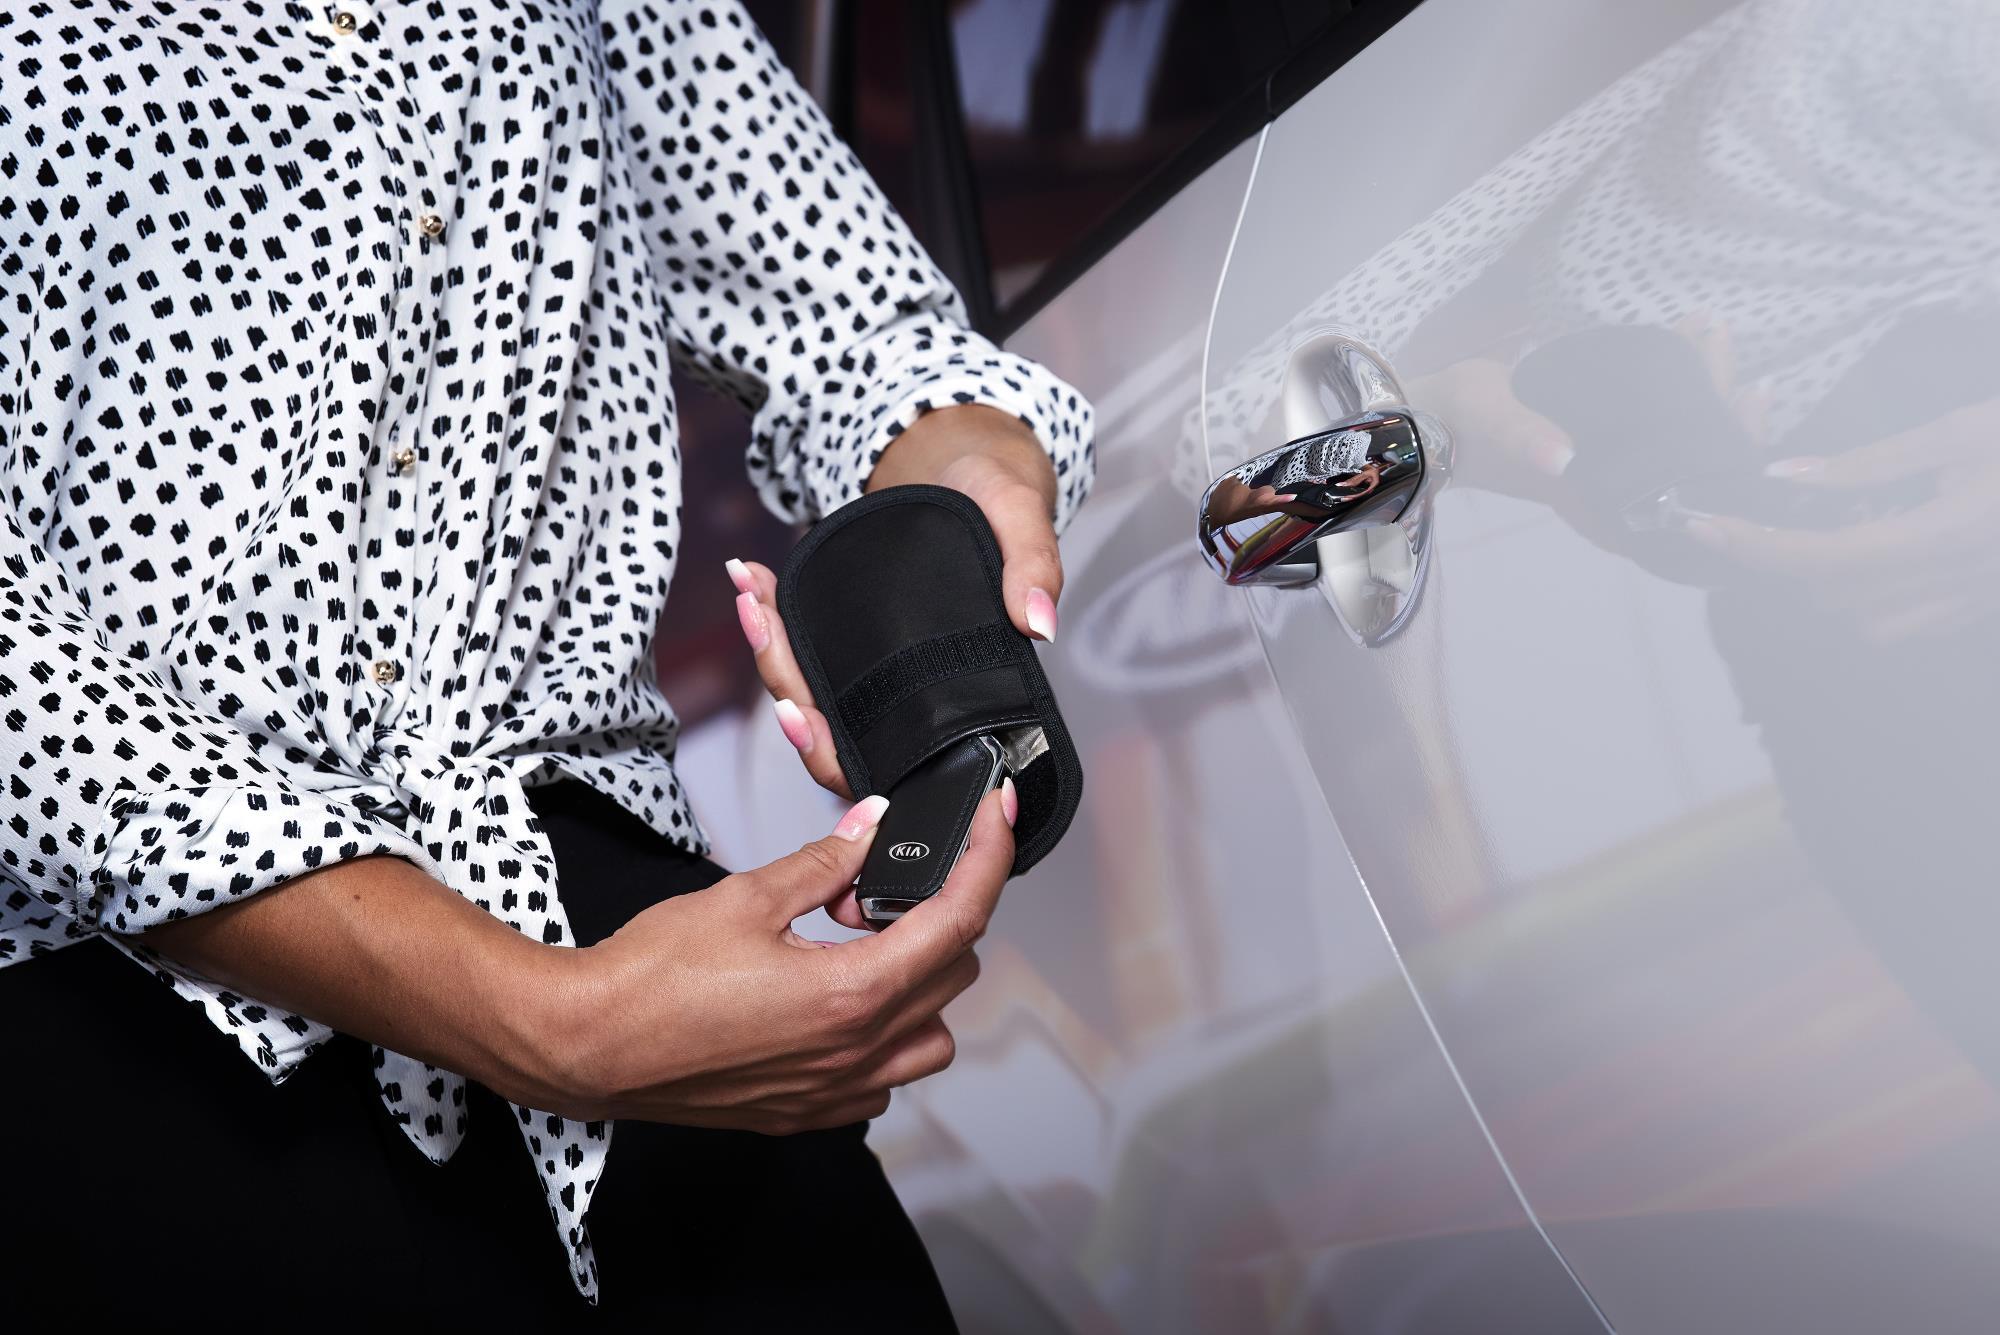 A faraday pouch blocks a key's signal